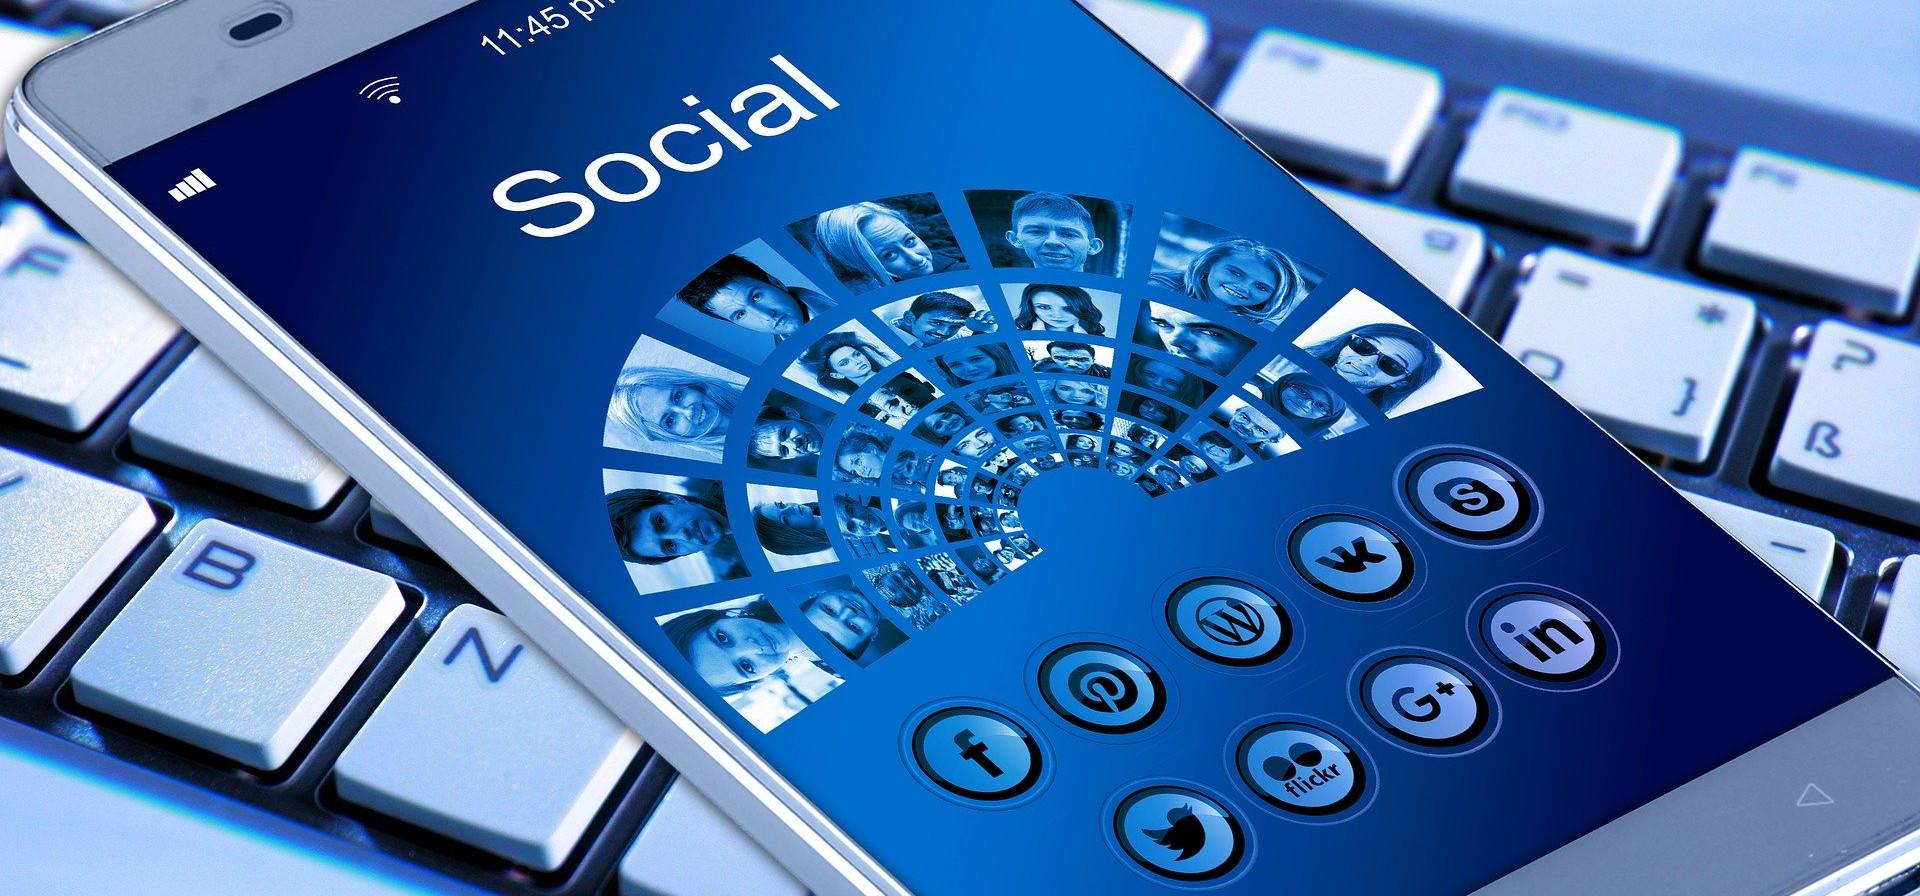 tecnico-redes-sociales-madrid